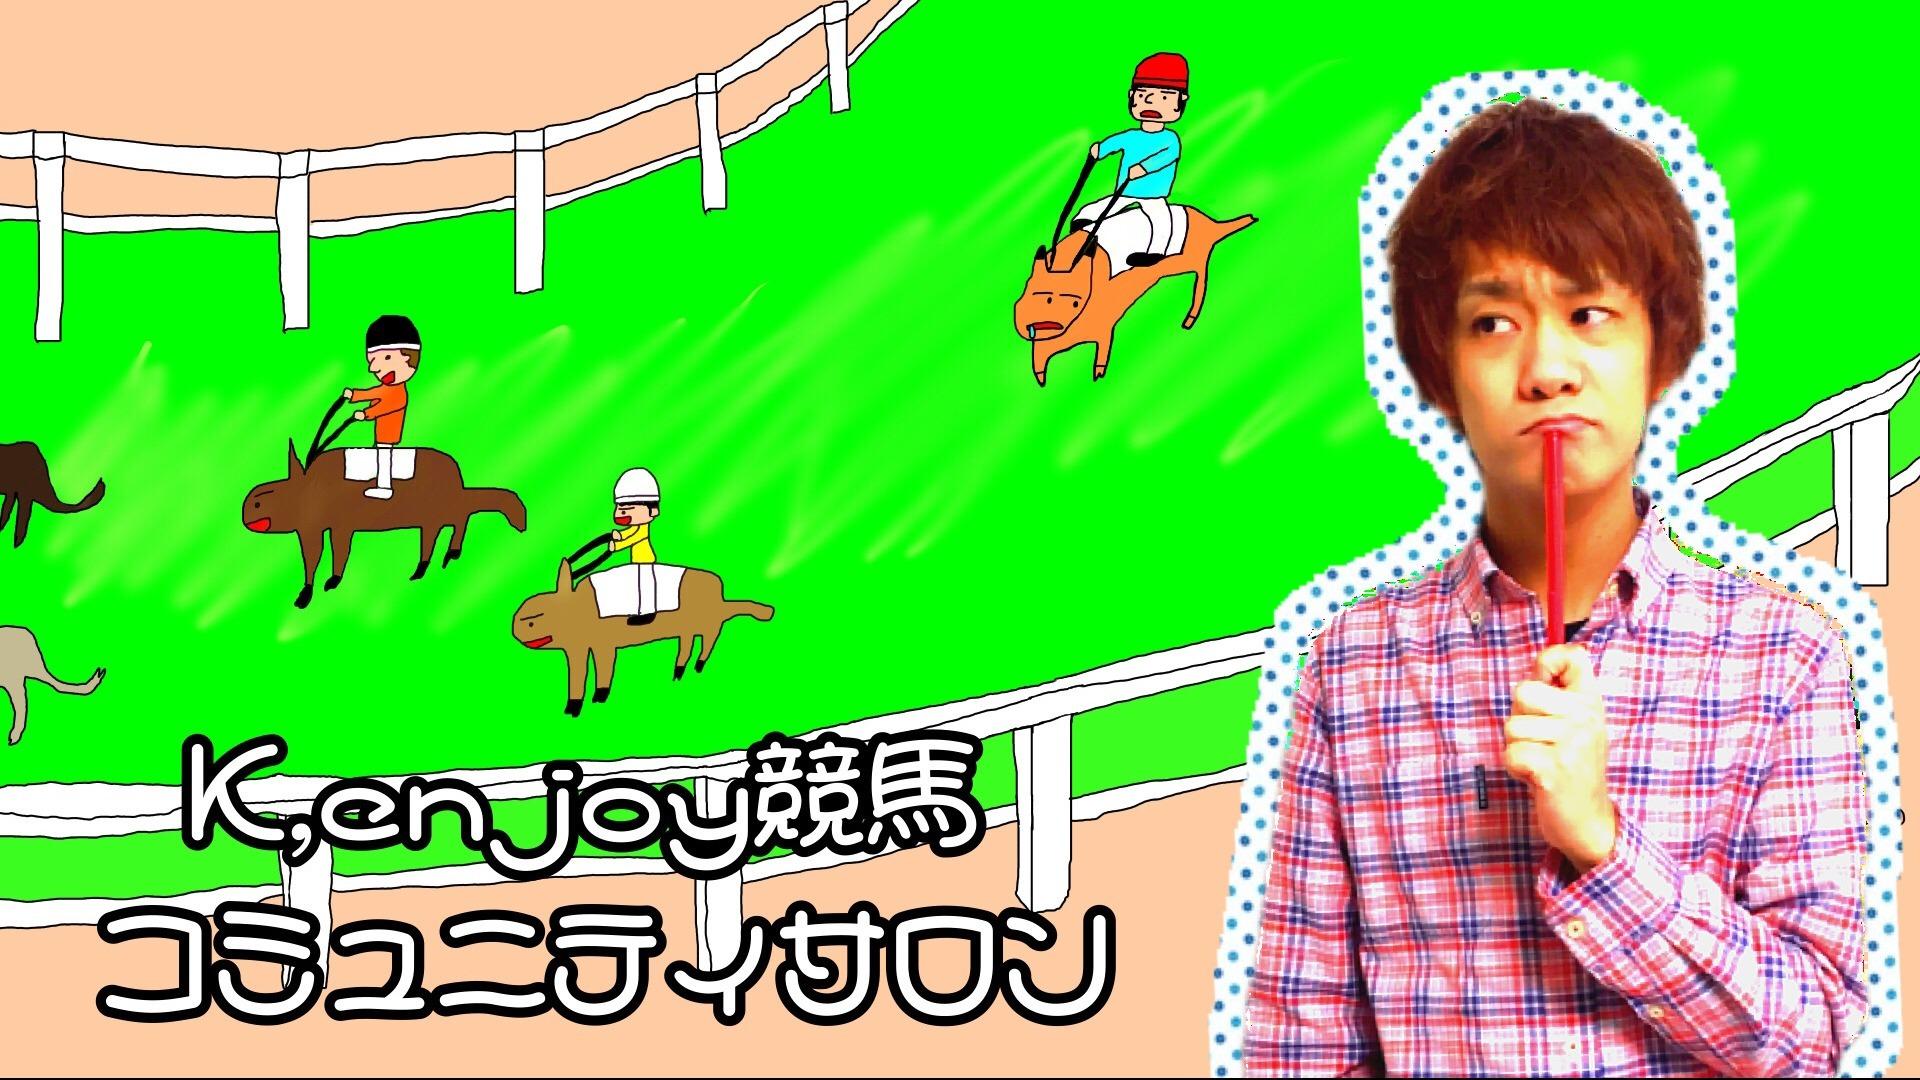 K'enjoy競馬コミュニティサロン